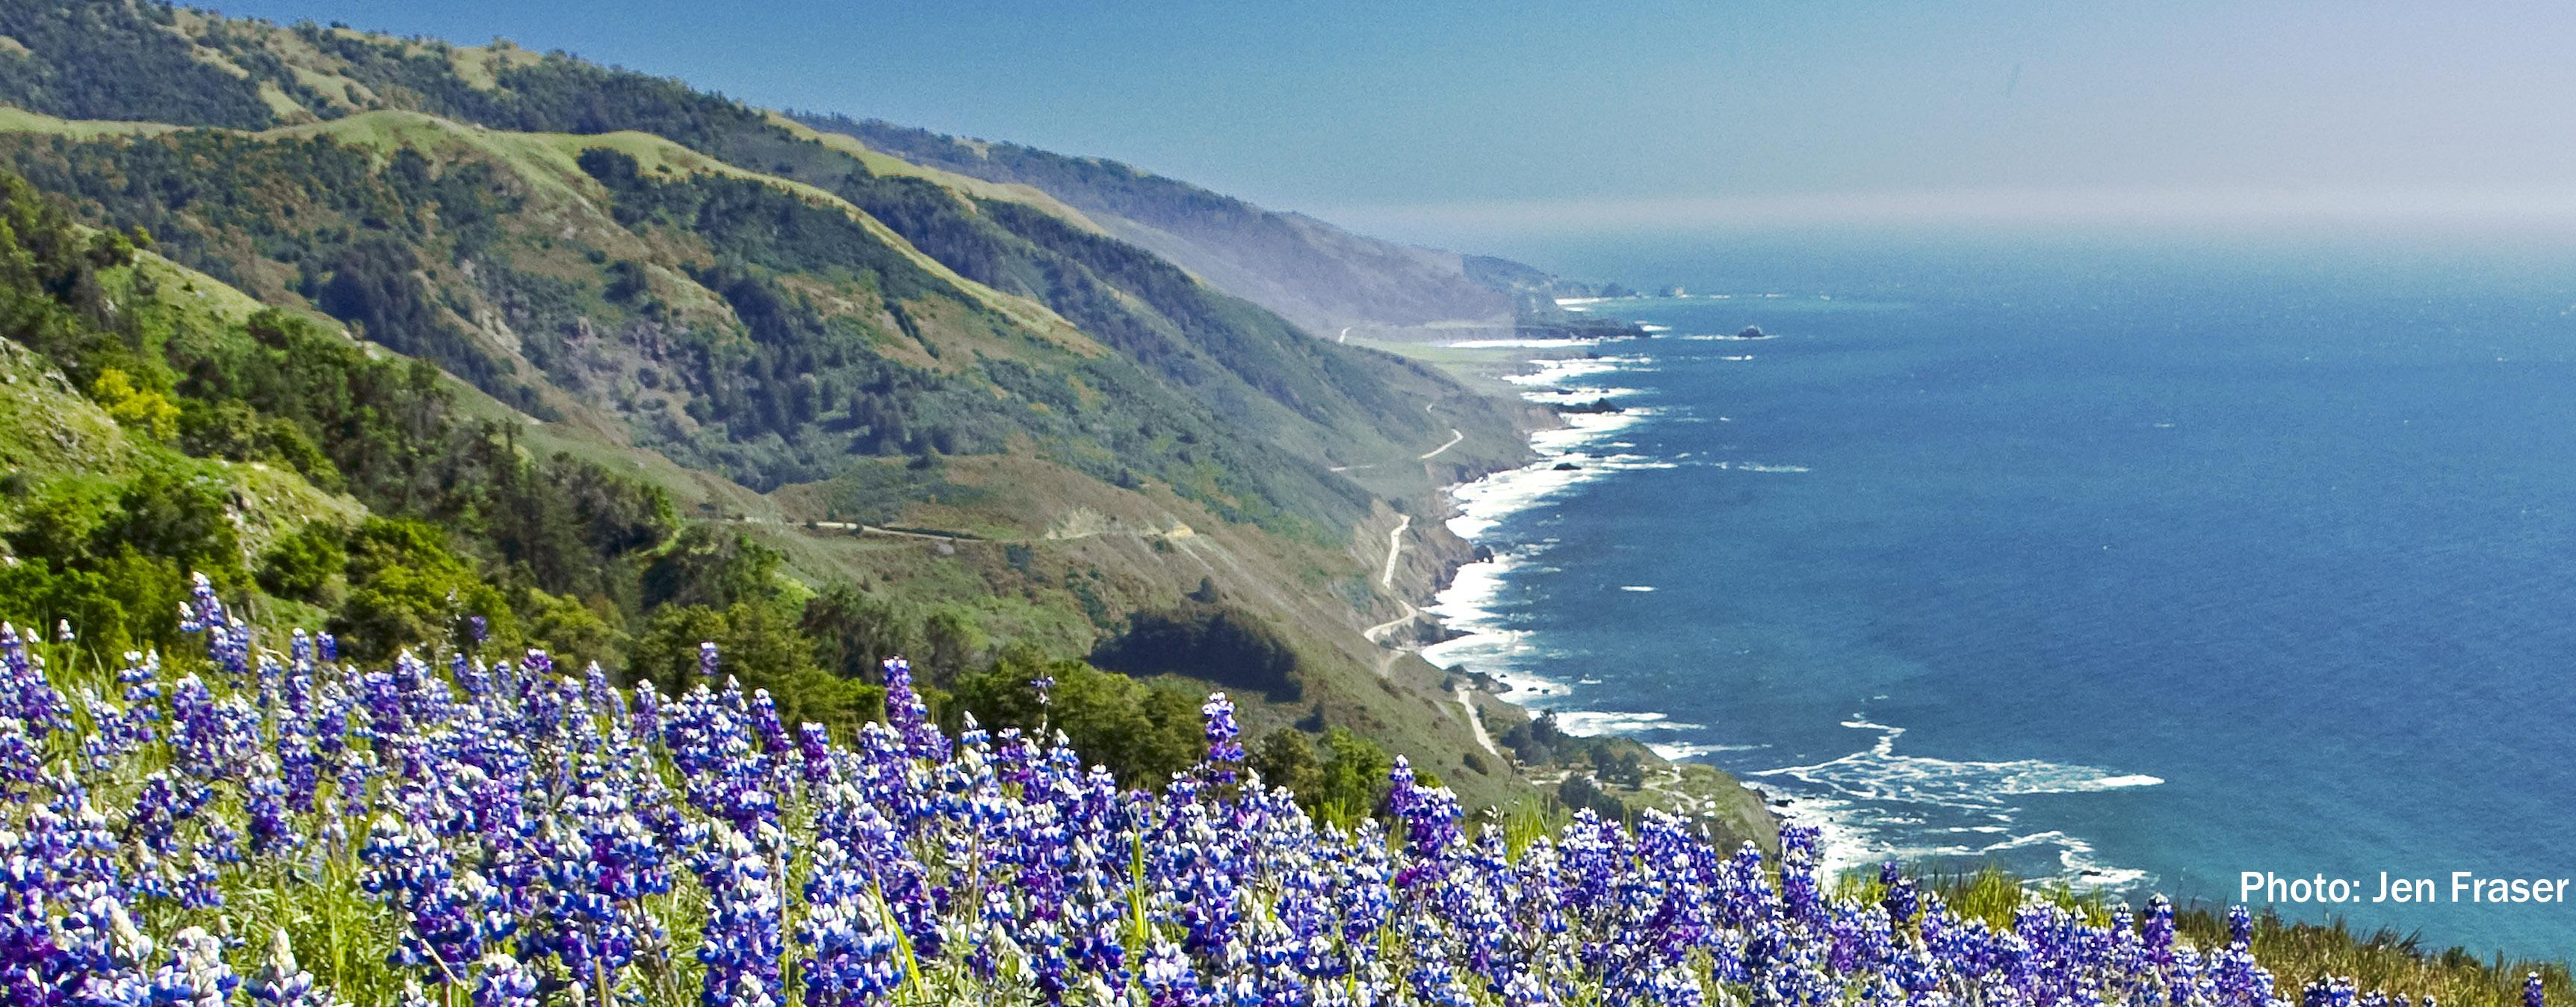 california coastal commission